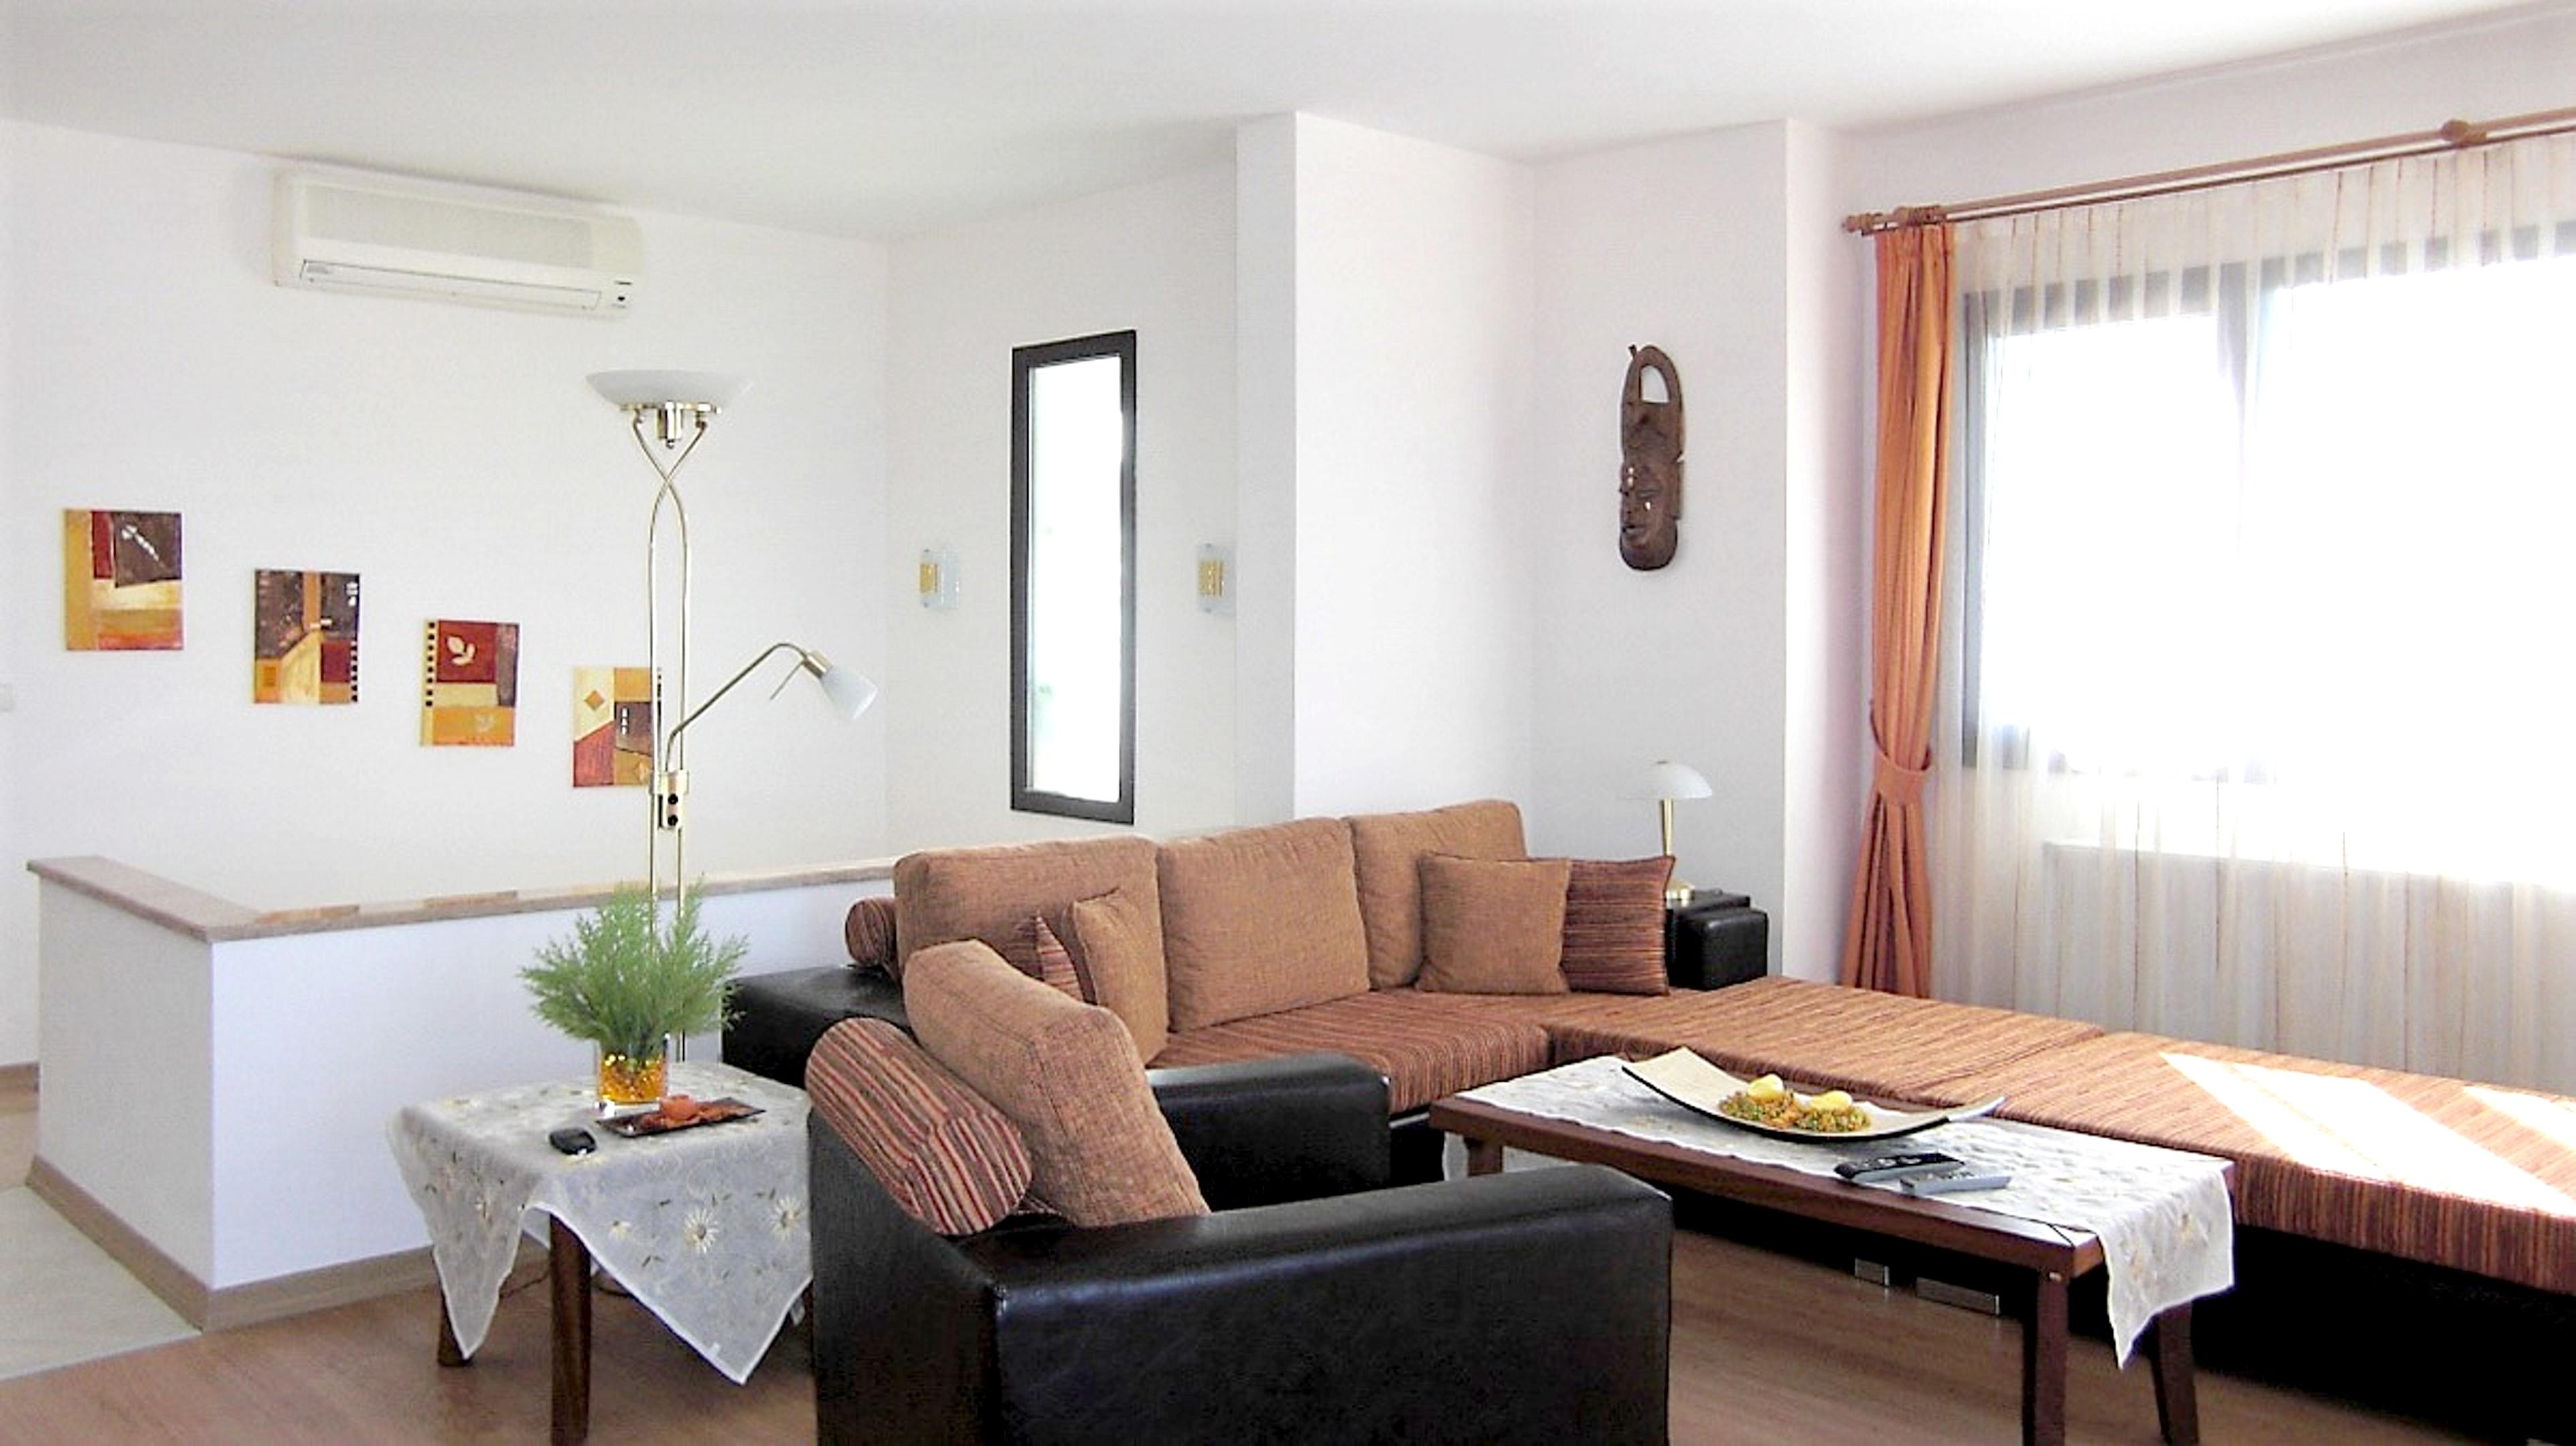 Ferienhaus Villa mit 3 Schlafzimmern in Turgutreis,Bodrum mit herrlichem Meerblick, Pool, eingezäunte (2202326), Turgutreis, , Ägäisregion, Türkei, Bild 12